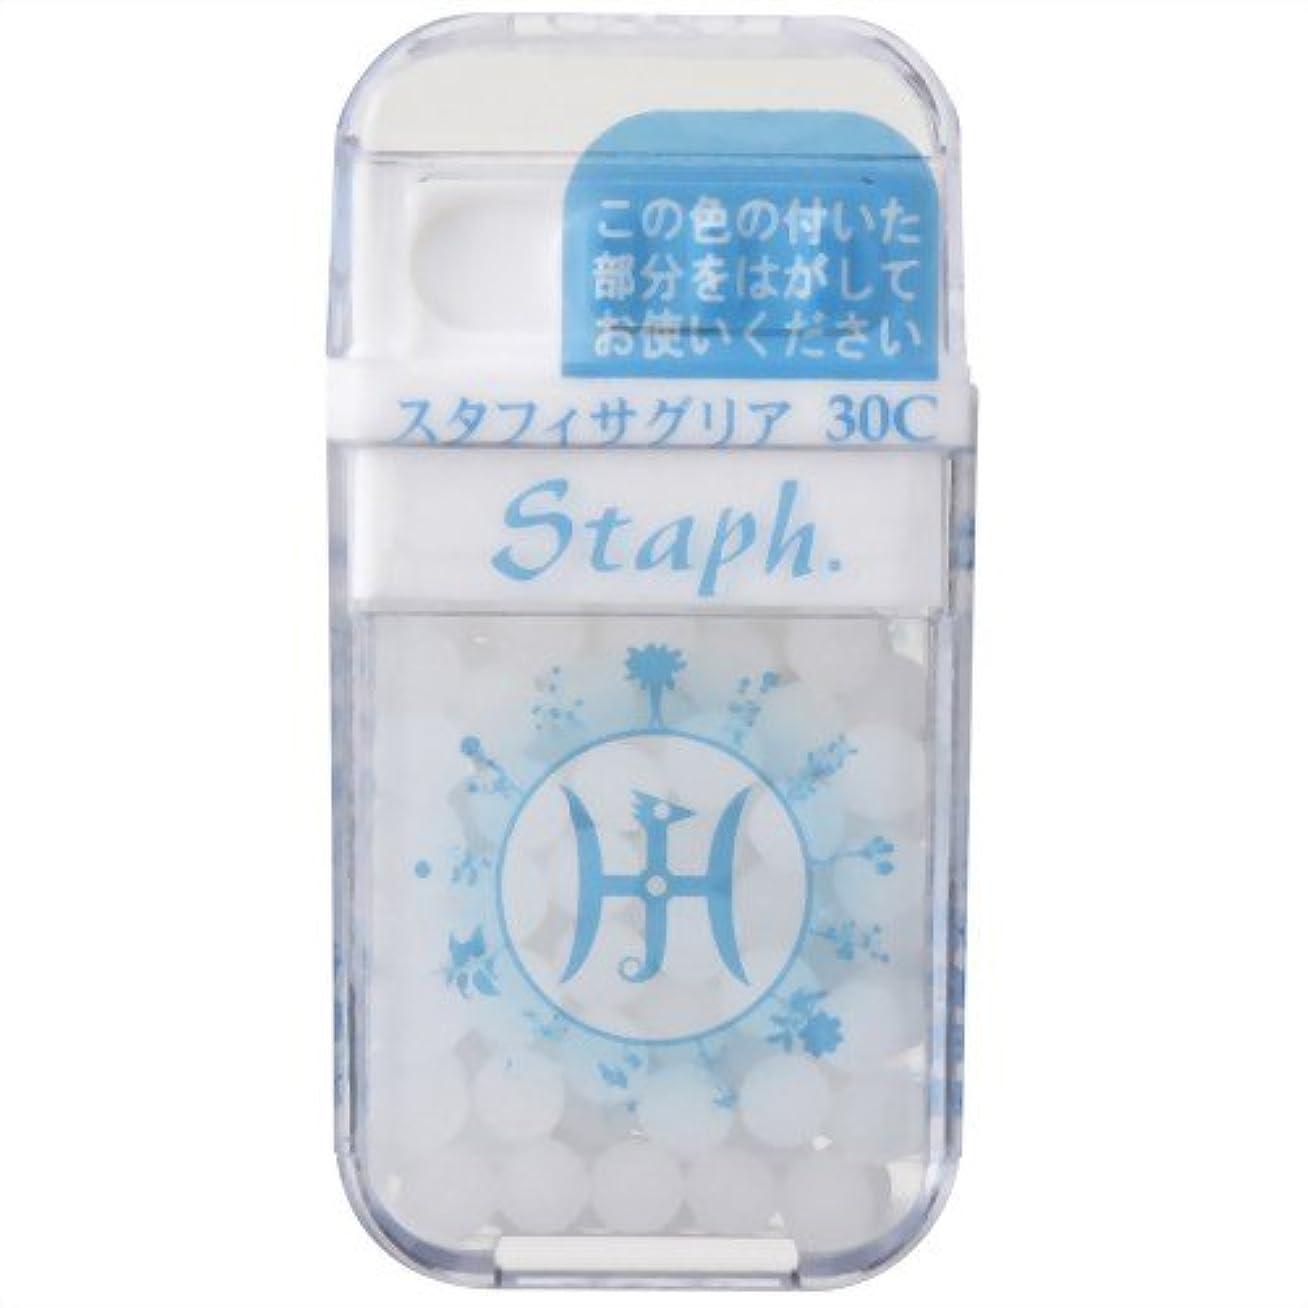 助言バックアップハードリングホメオパシージャパンレメディー Staph.  スタフィサグリア 30C (大ビン)